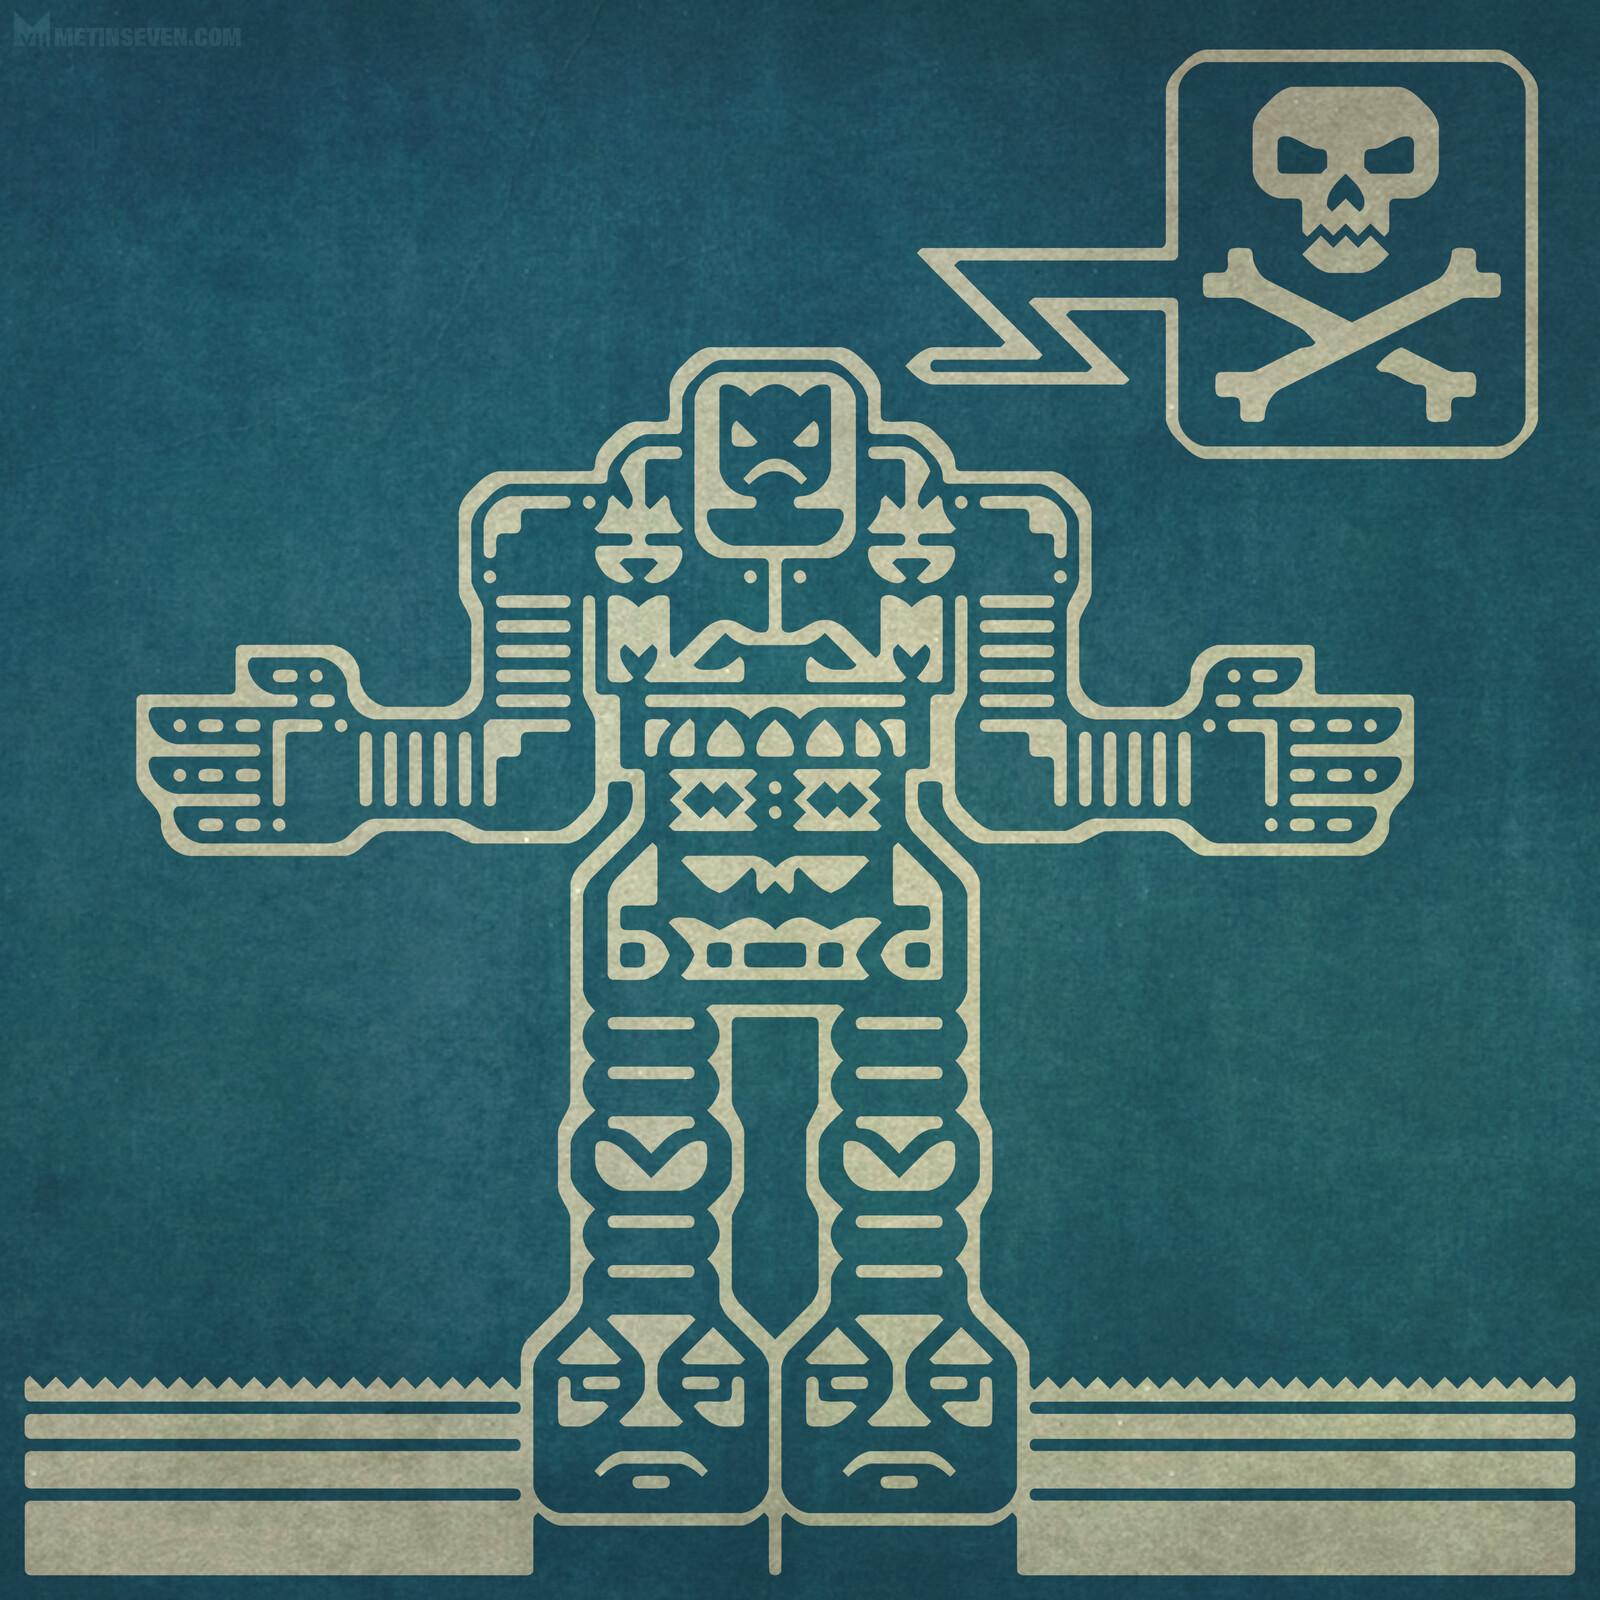 Cartoony vector character design of a mech robot